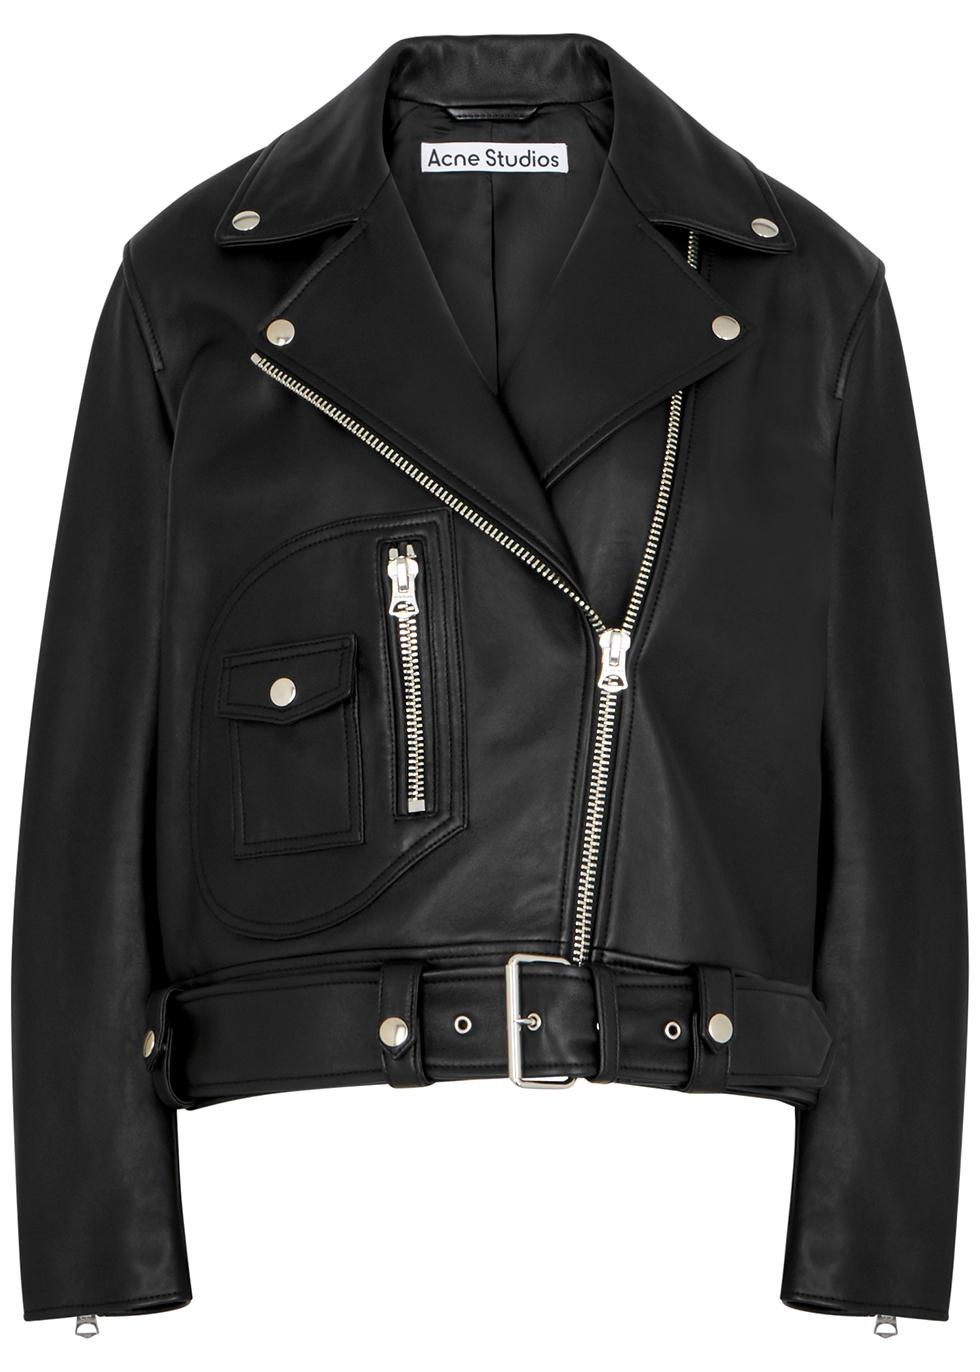 New Merlyn black leather biker jacket